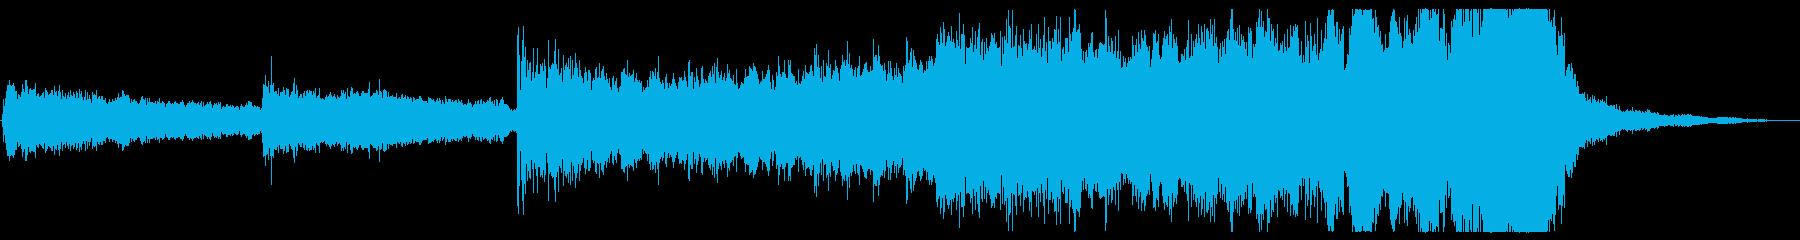 シリアスなダークファンタジーBGMの再生済みの波形